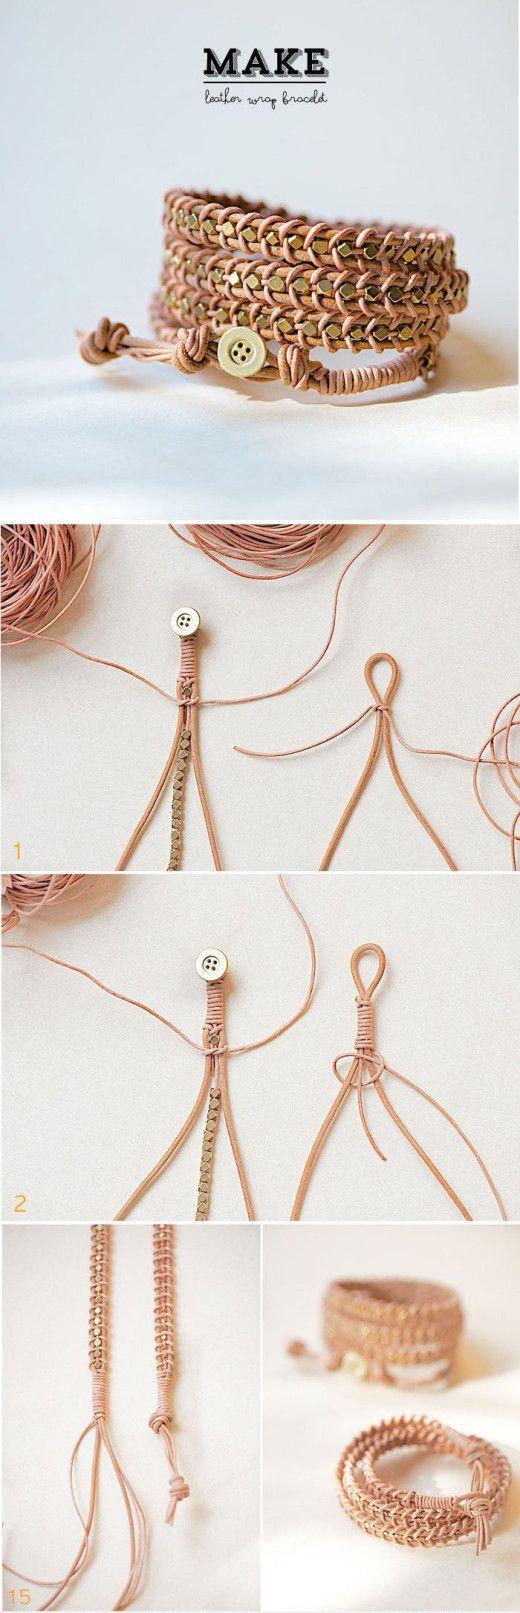 Fabriquer ses bijoux en cuir                                                                                                                                                                                 Plus